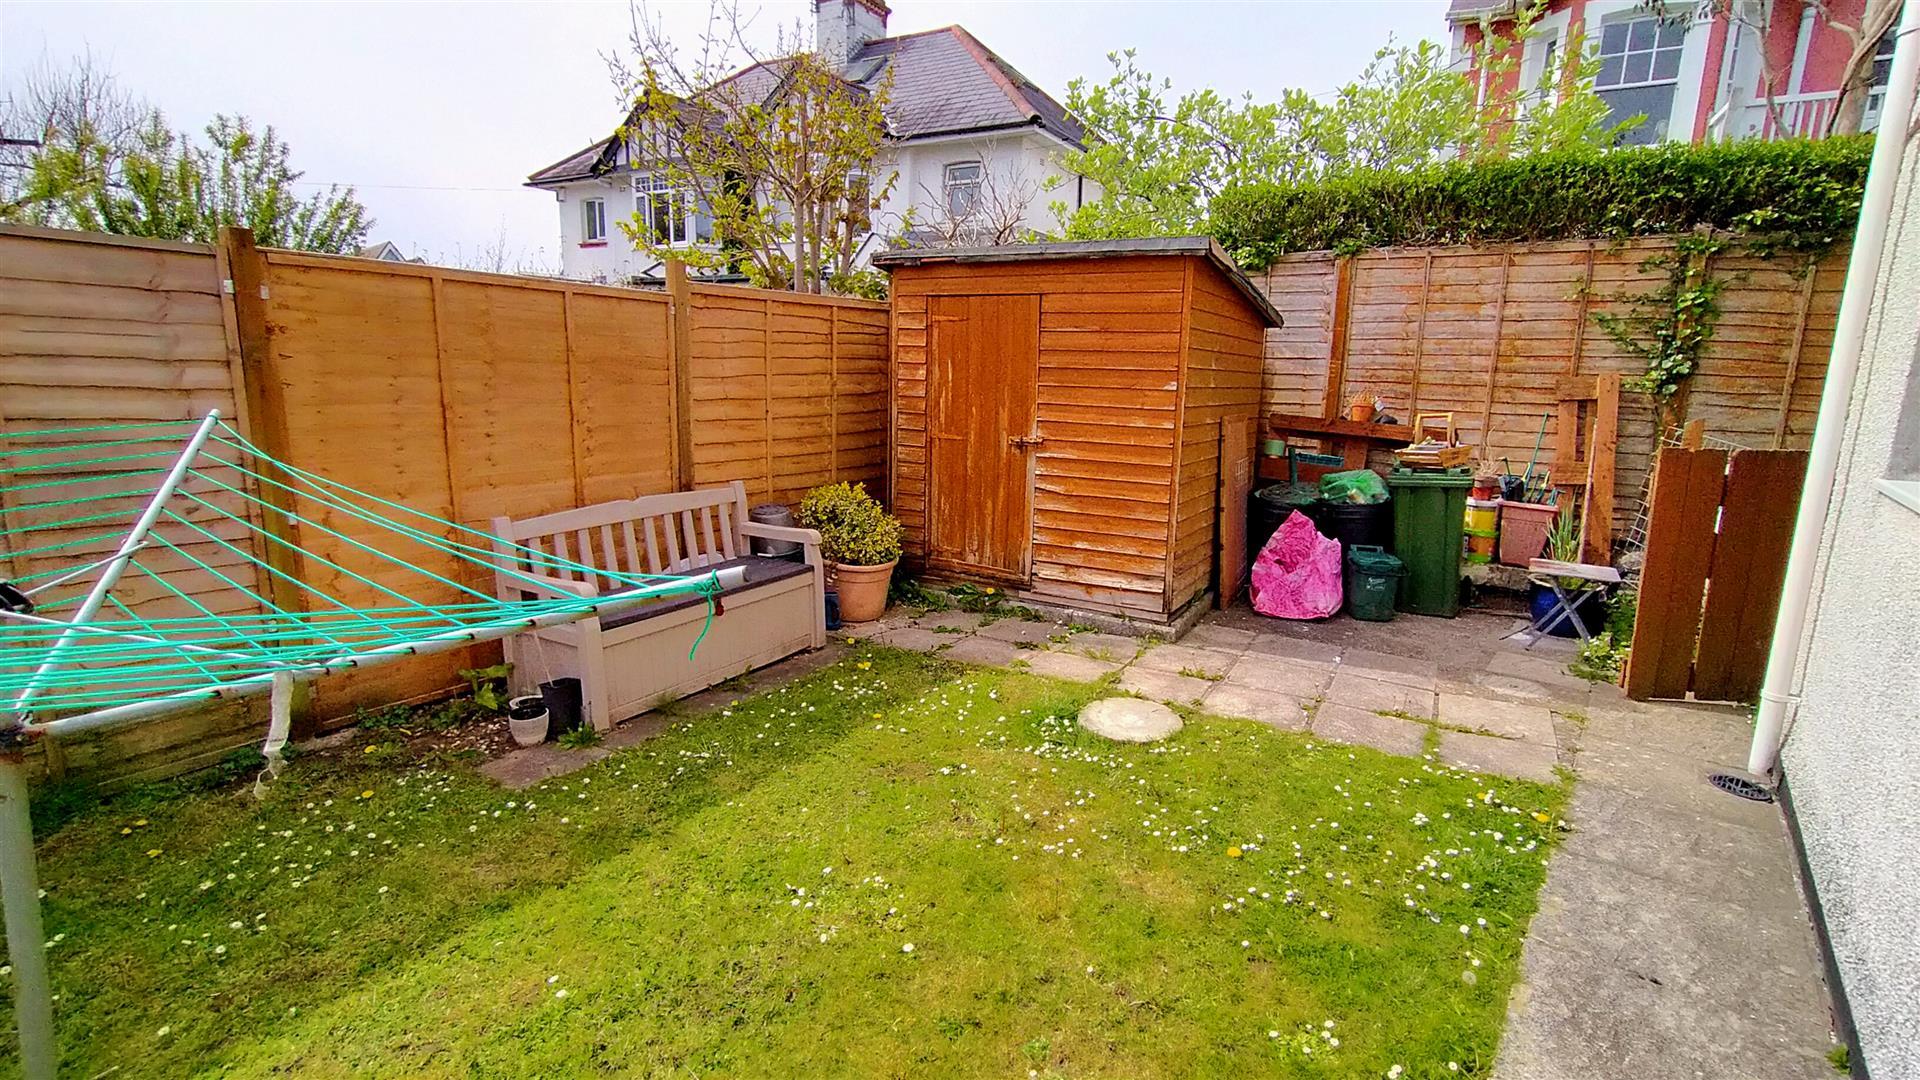 Dove Court Bishopston Road, Bishopston, Swansea, SA3 3EW